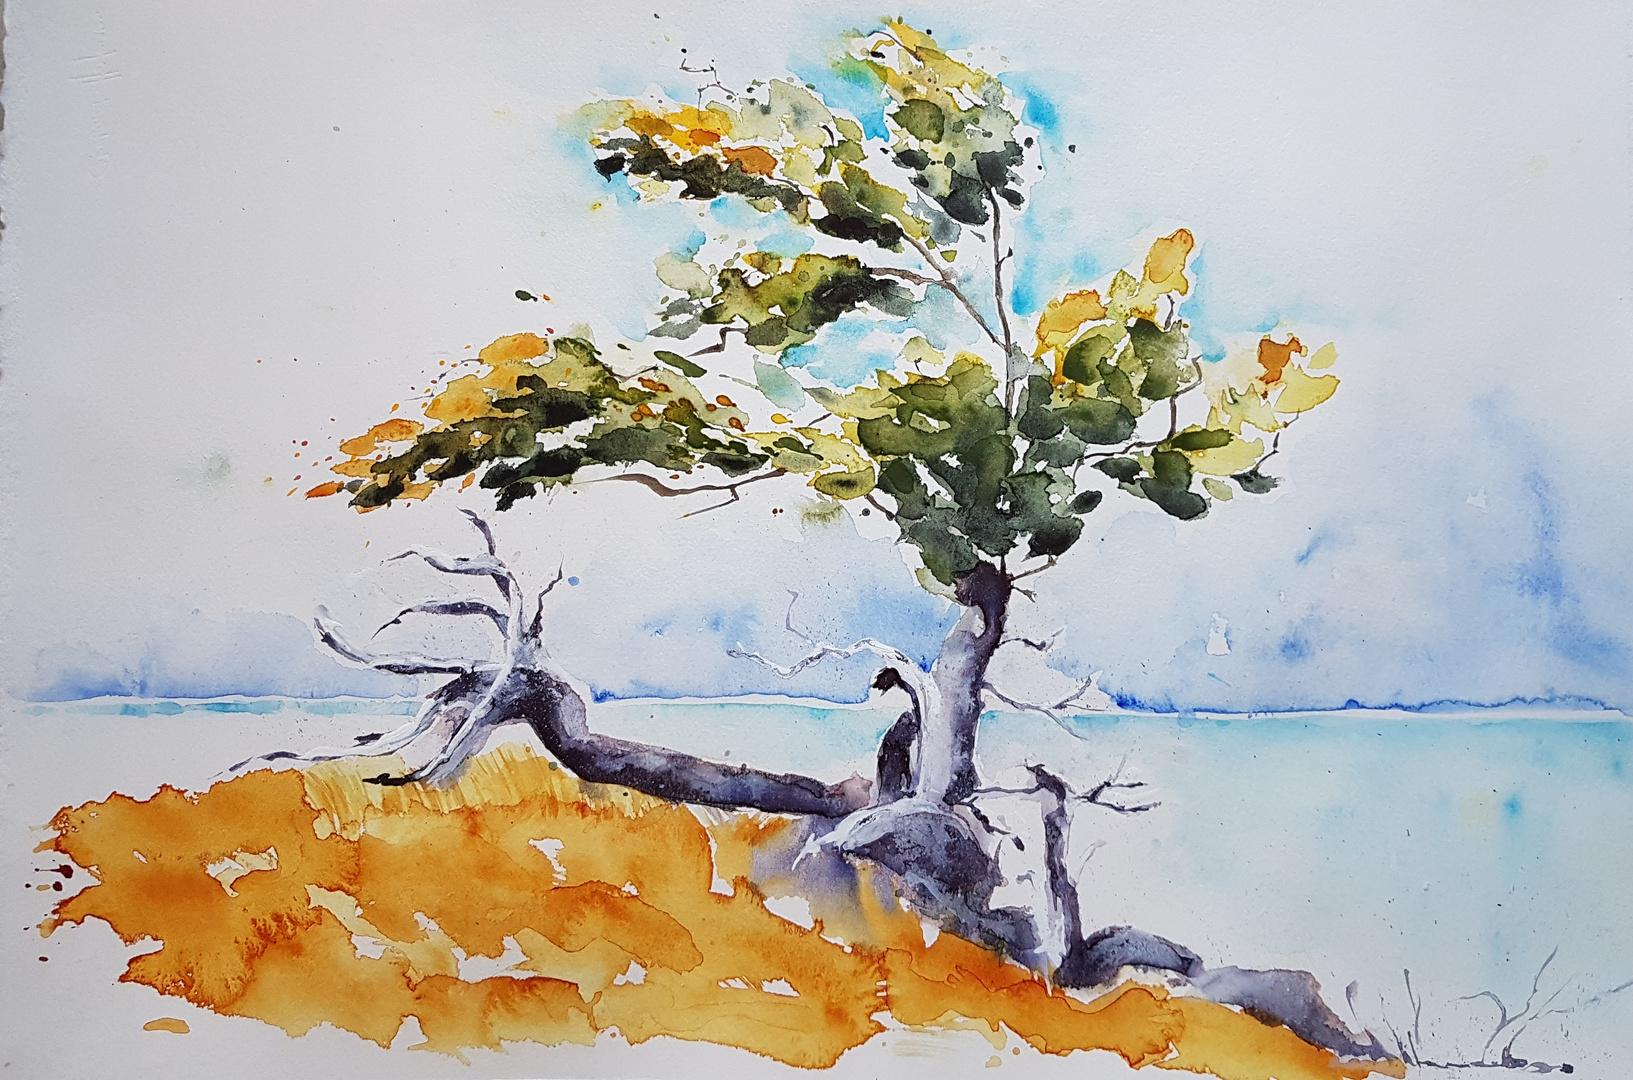 Baum in der Karibik